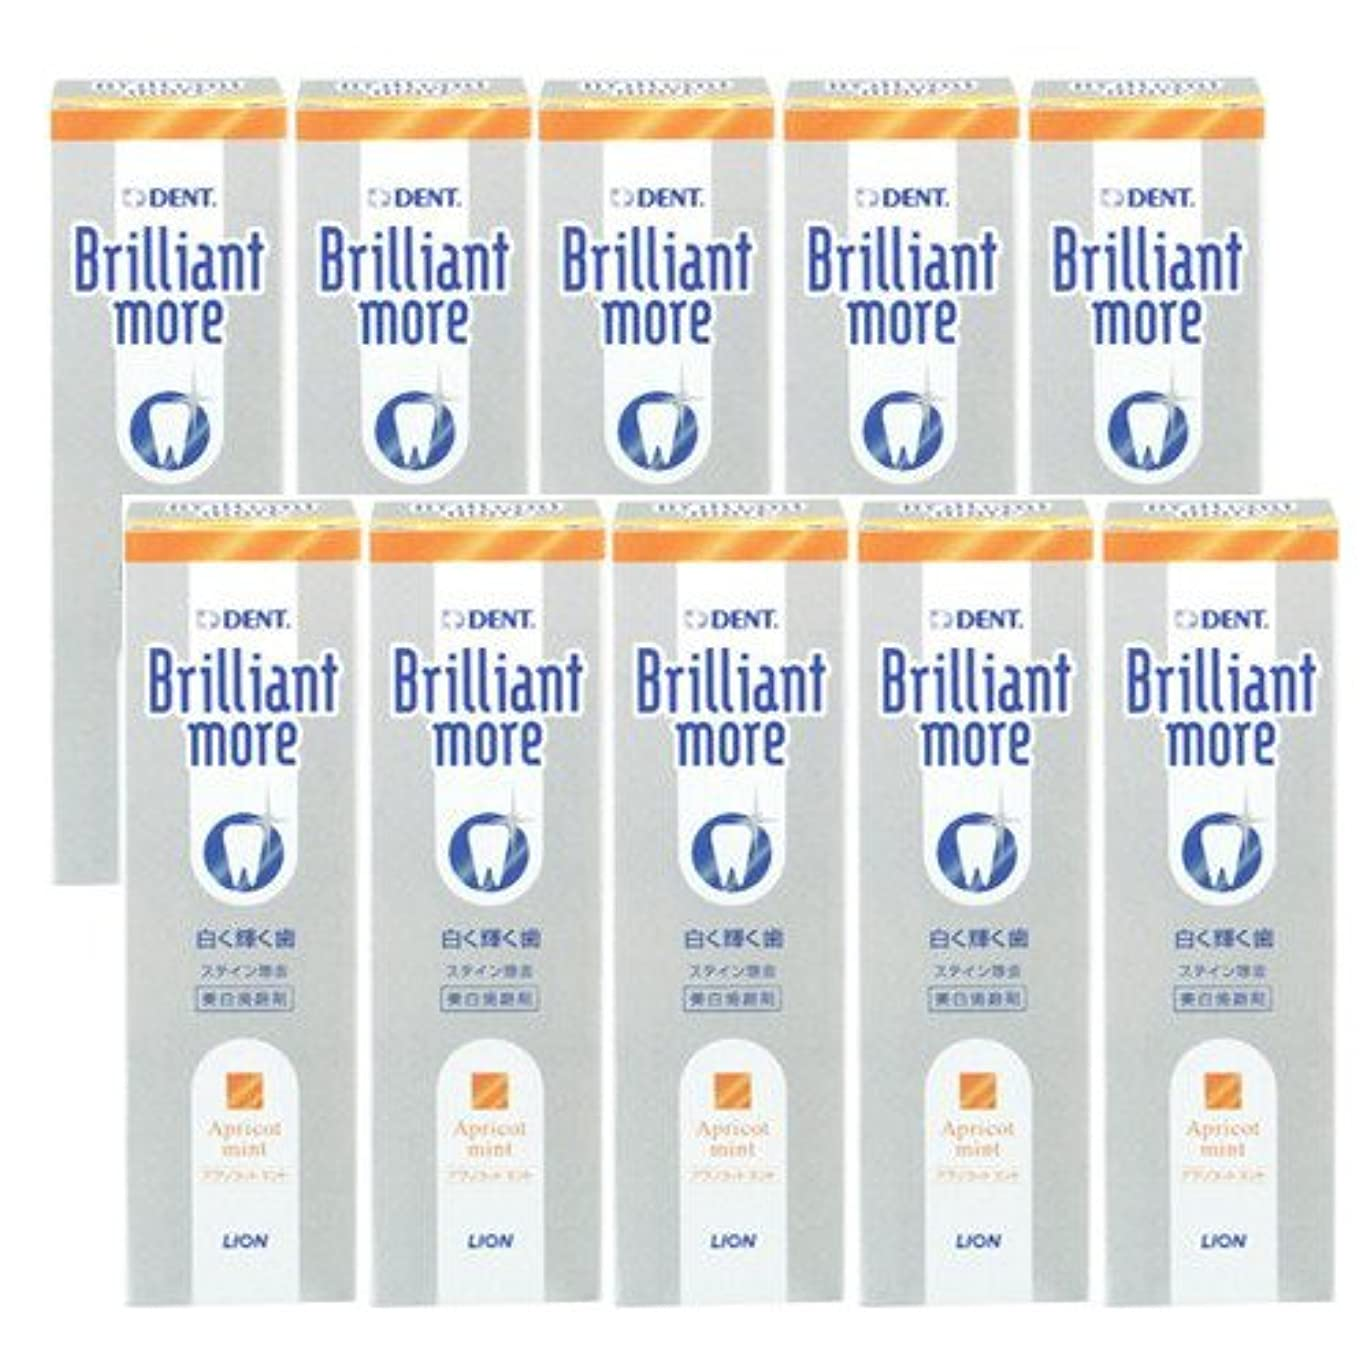 繁栄するエントリ壊滅的なライオン ブリリアントモア アプリコットミント 美白歯磨剤 LION Brilliant more 10本セット